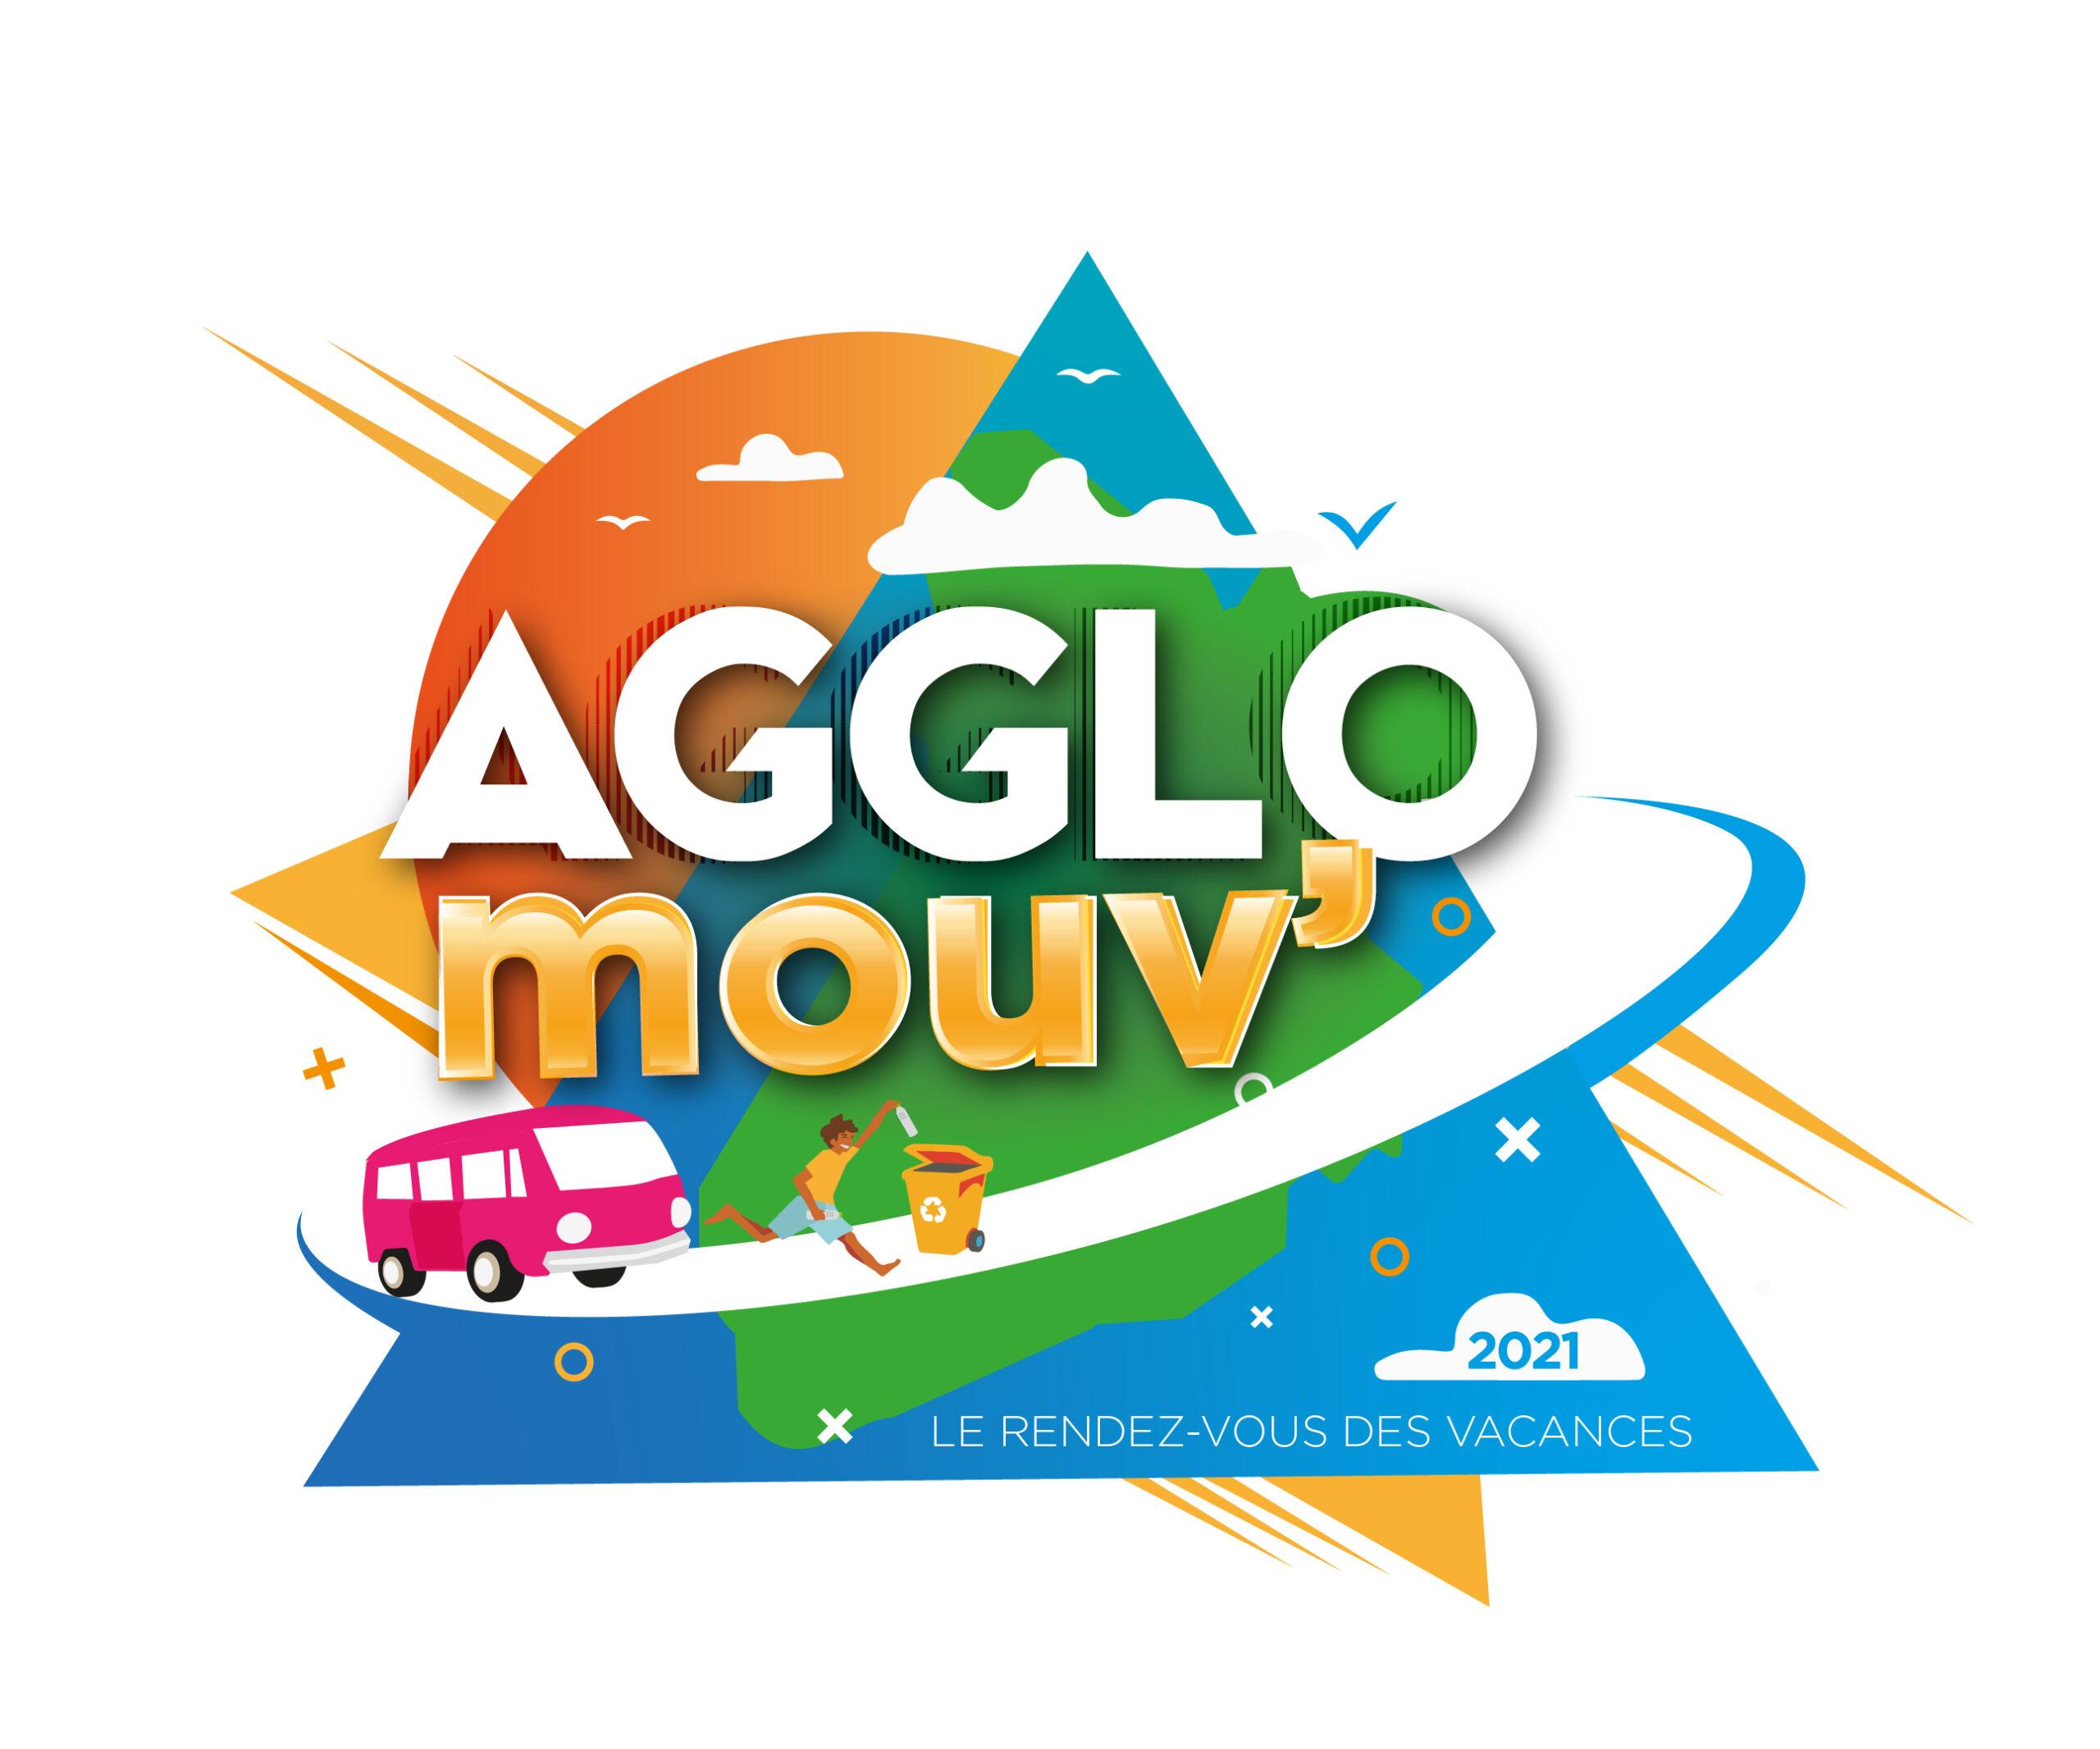 AGGLOMOUV2021 LOGO